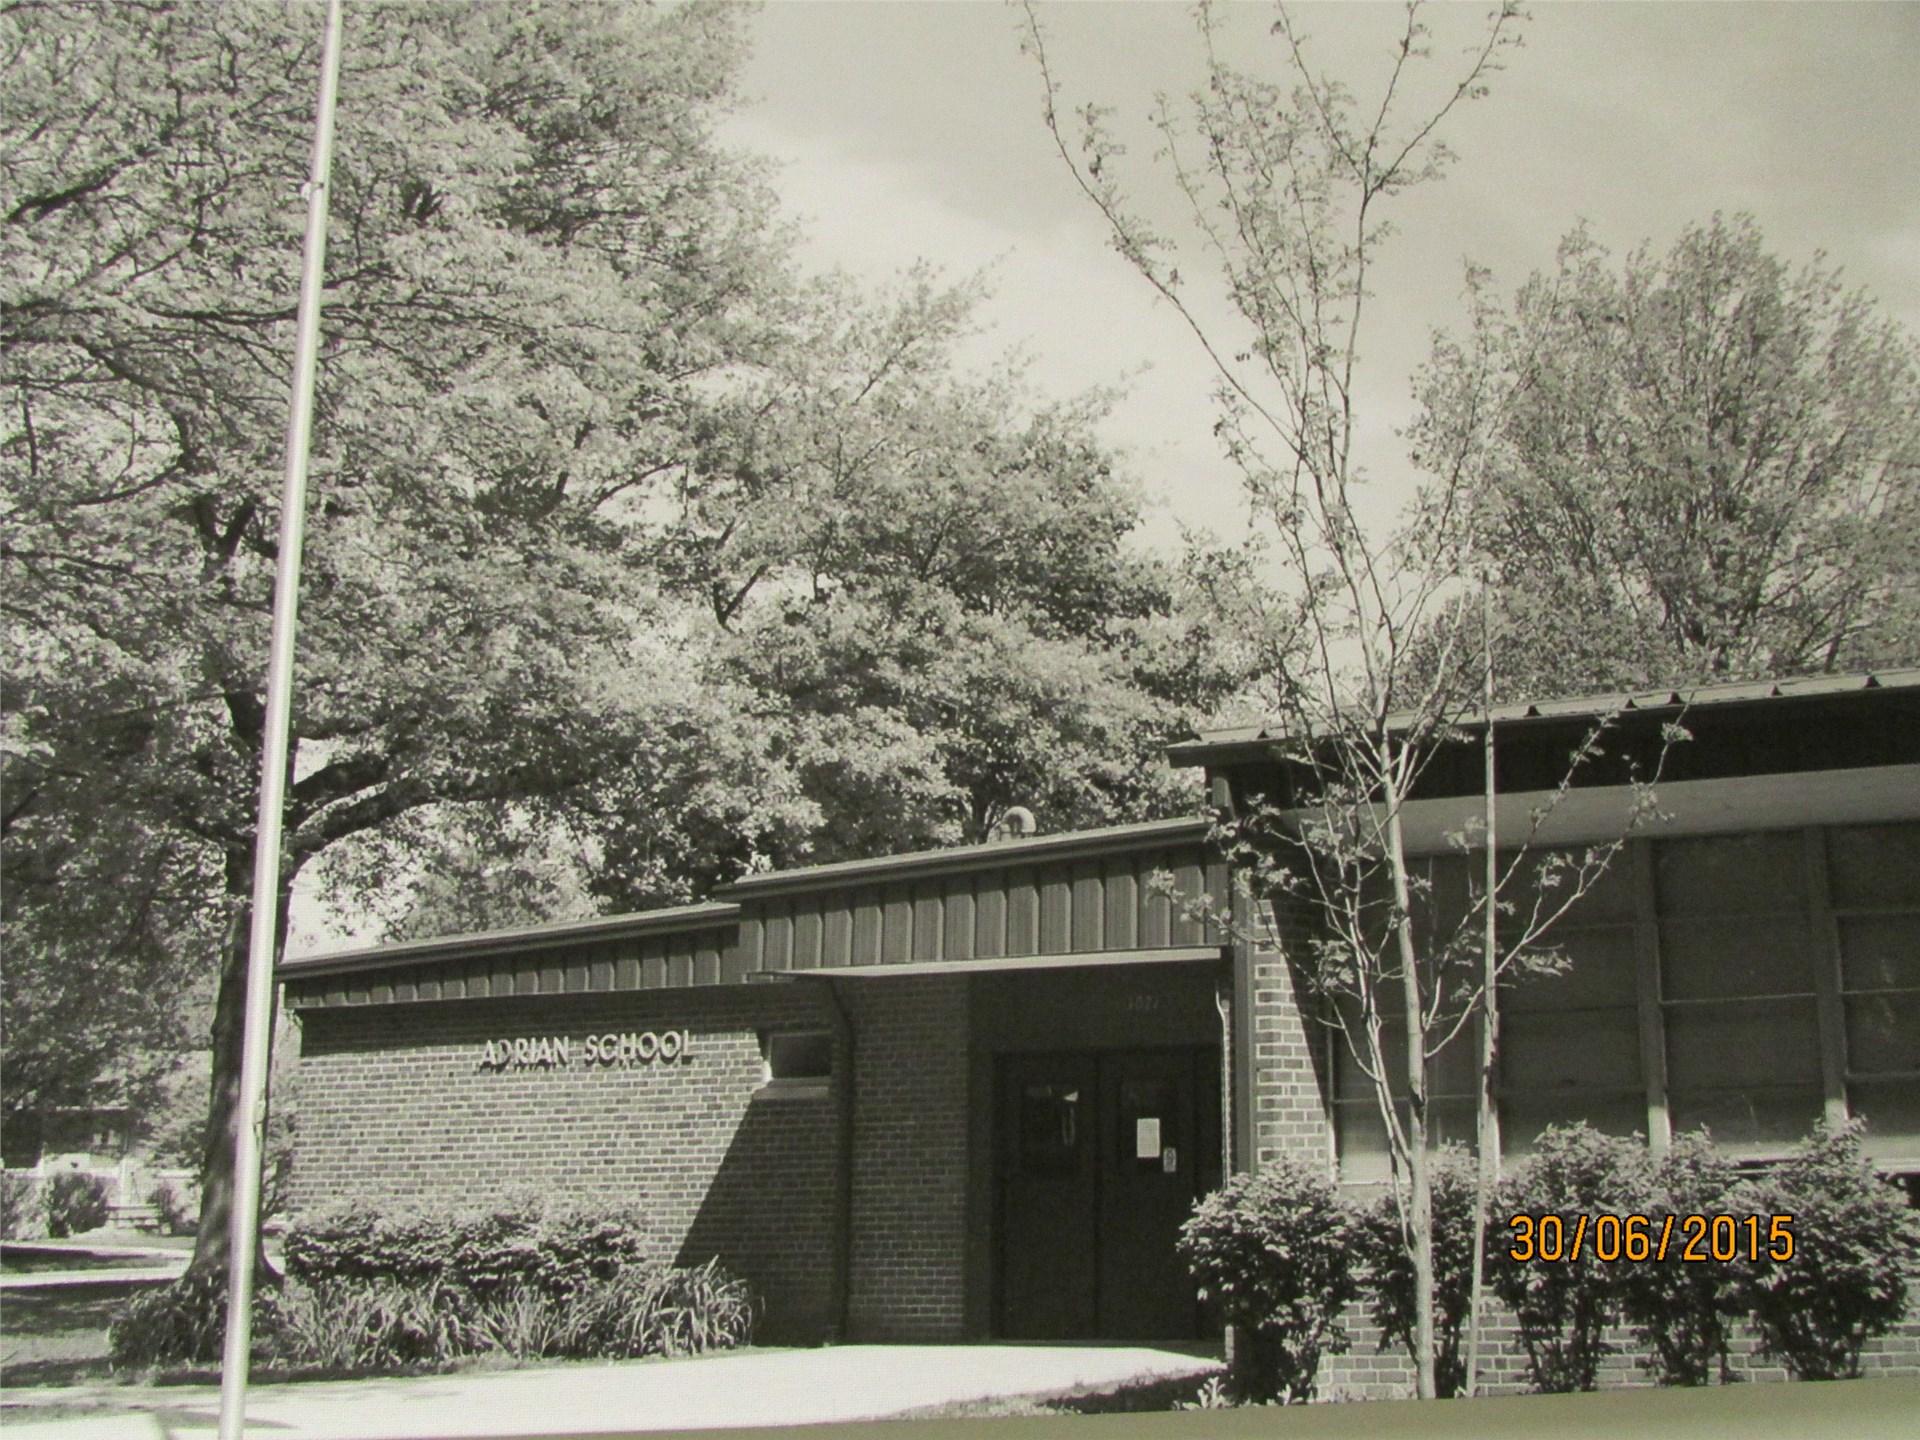 Adrian Elementary School